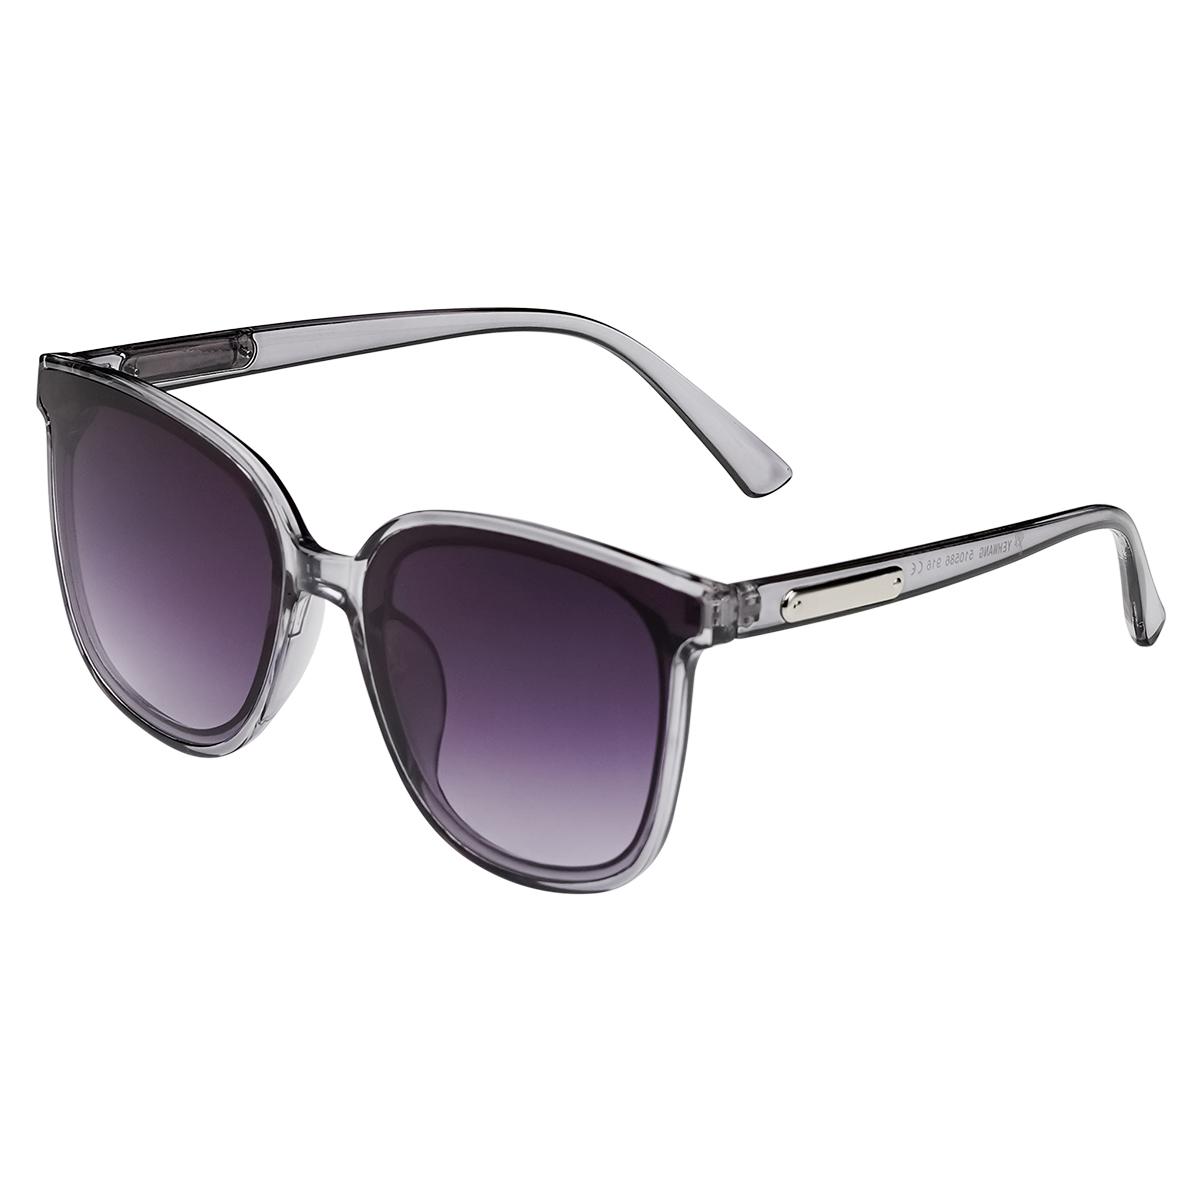 Zonnebril Smooth Love grijs grijze dames zonnebrillen zilveren detail zijkanten trendy festival brillen musthaves kopen bestellen yehwang